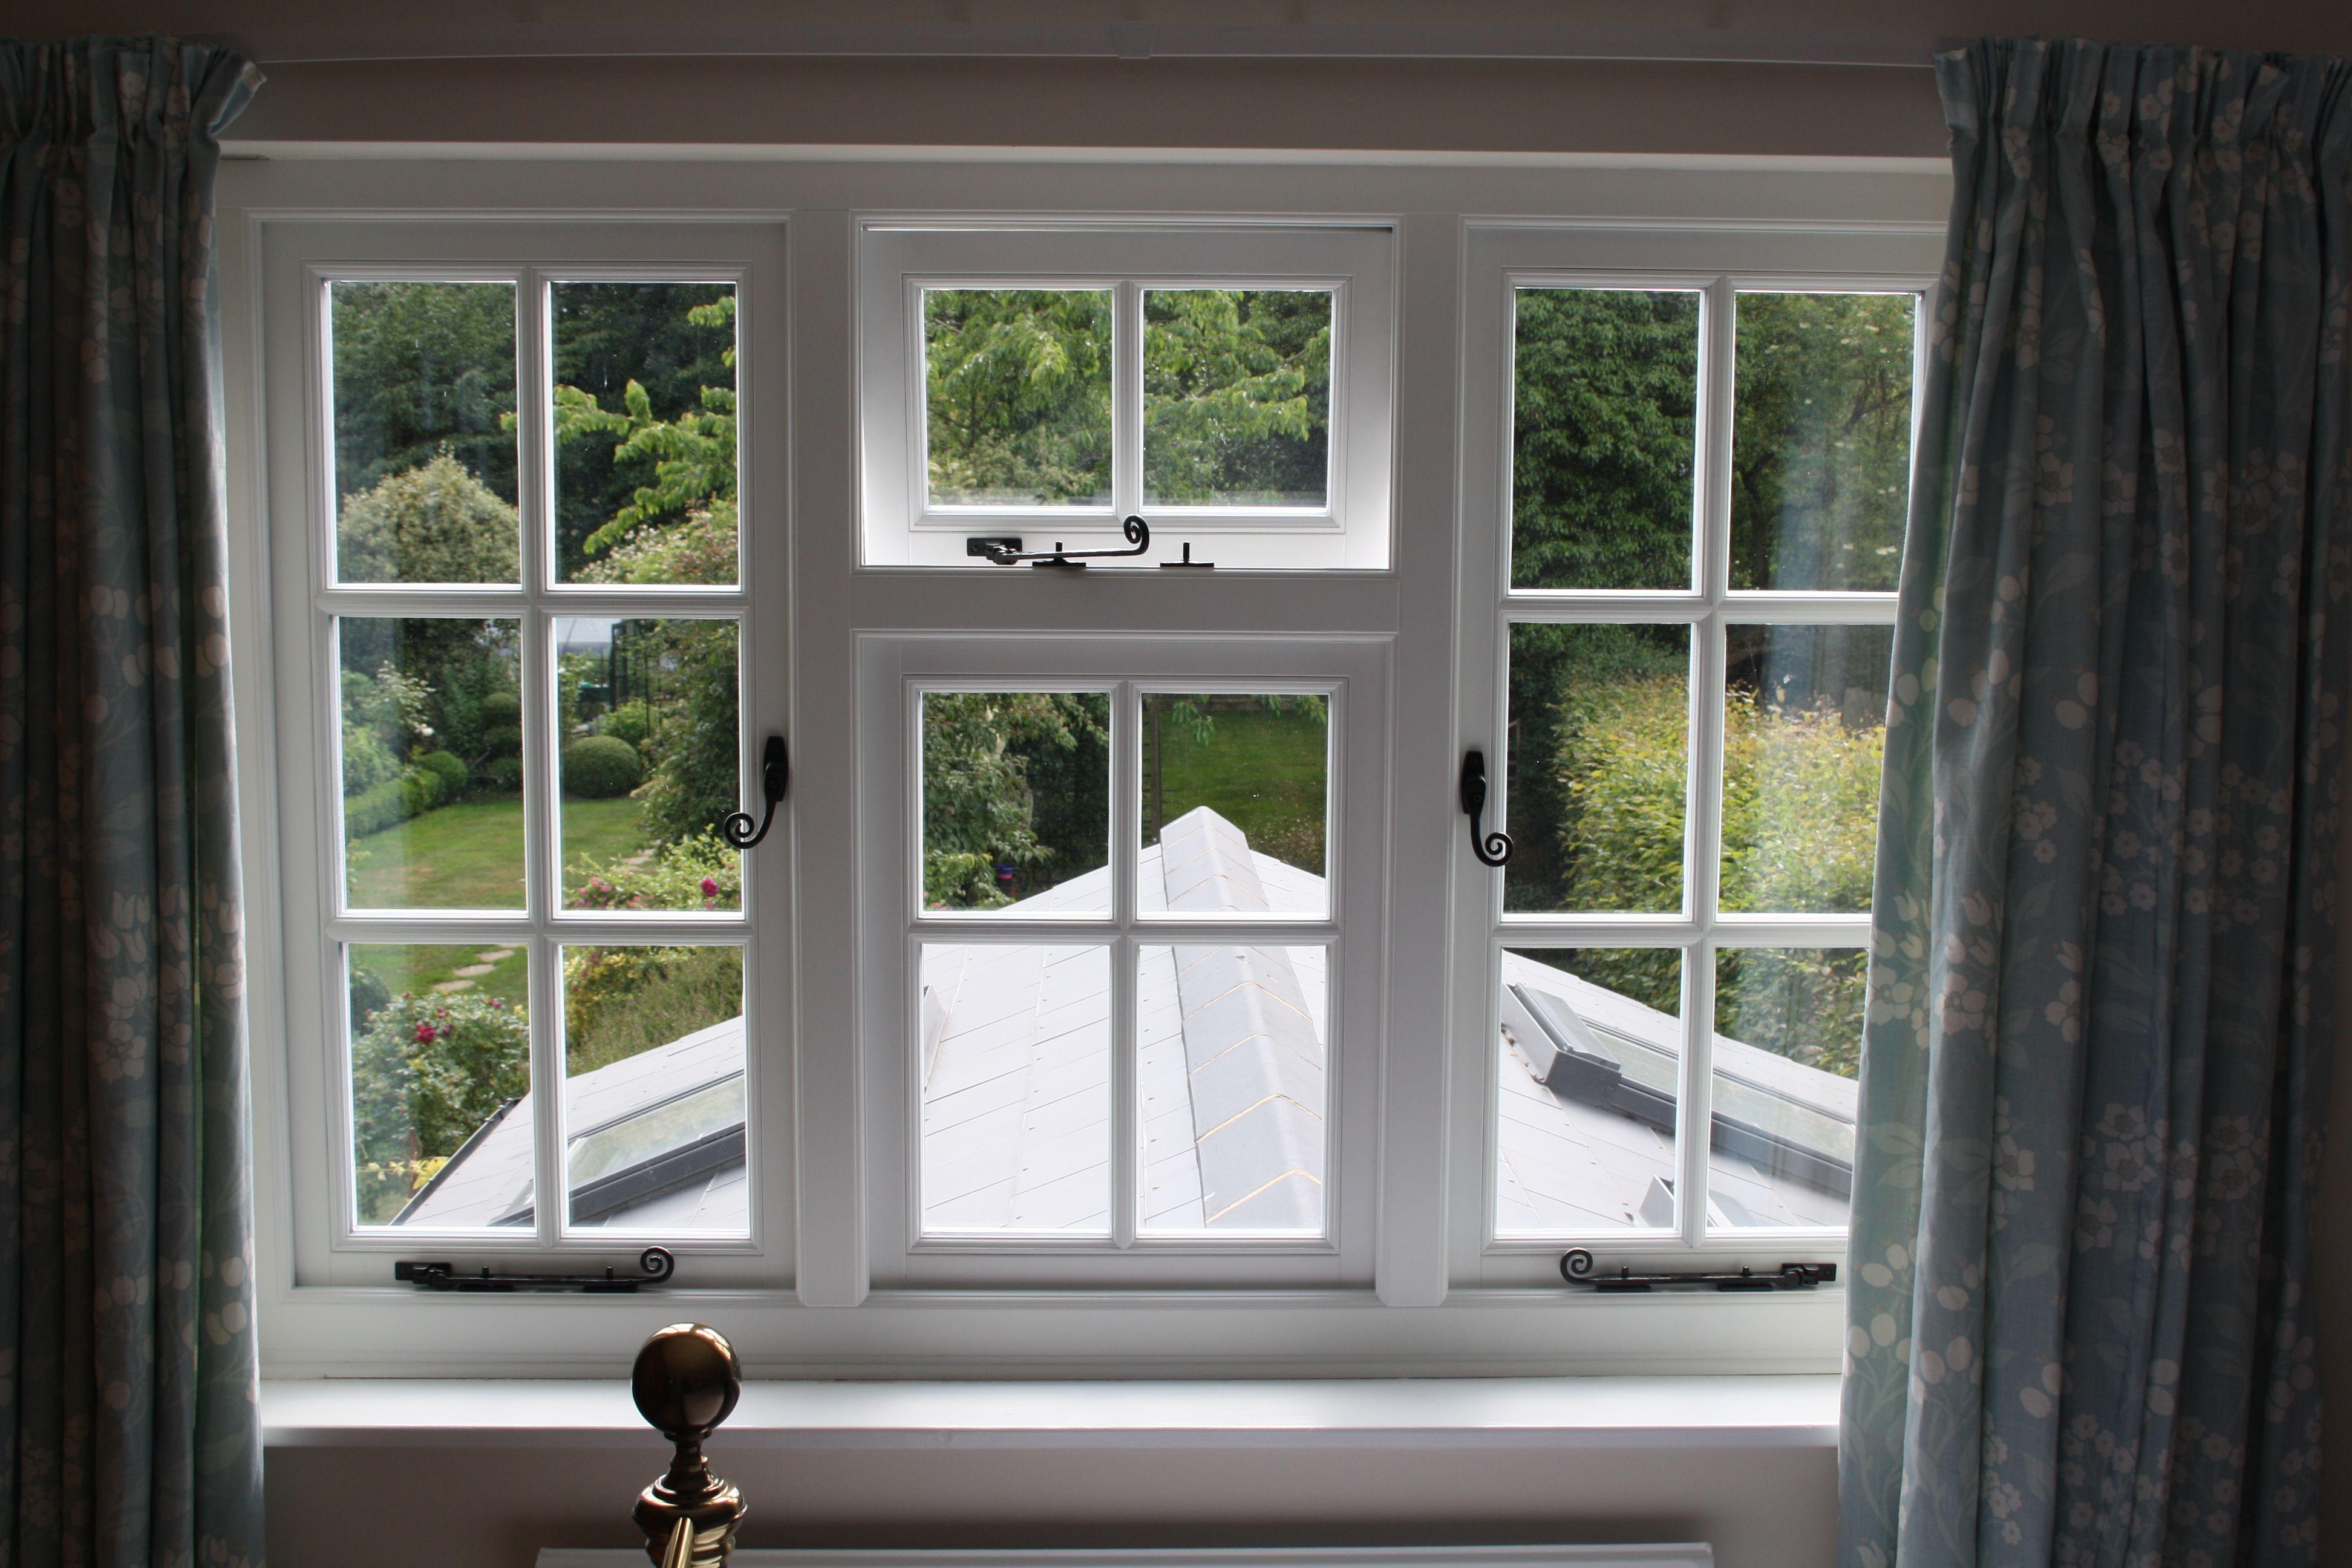 Window house design ideas  privett timber windows  georgian design wooden casement windows for